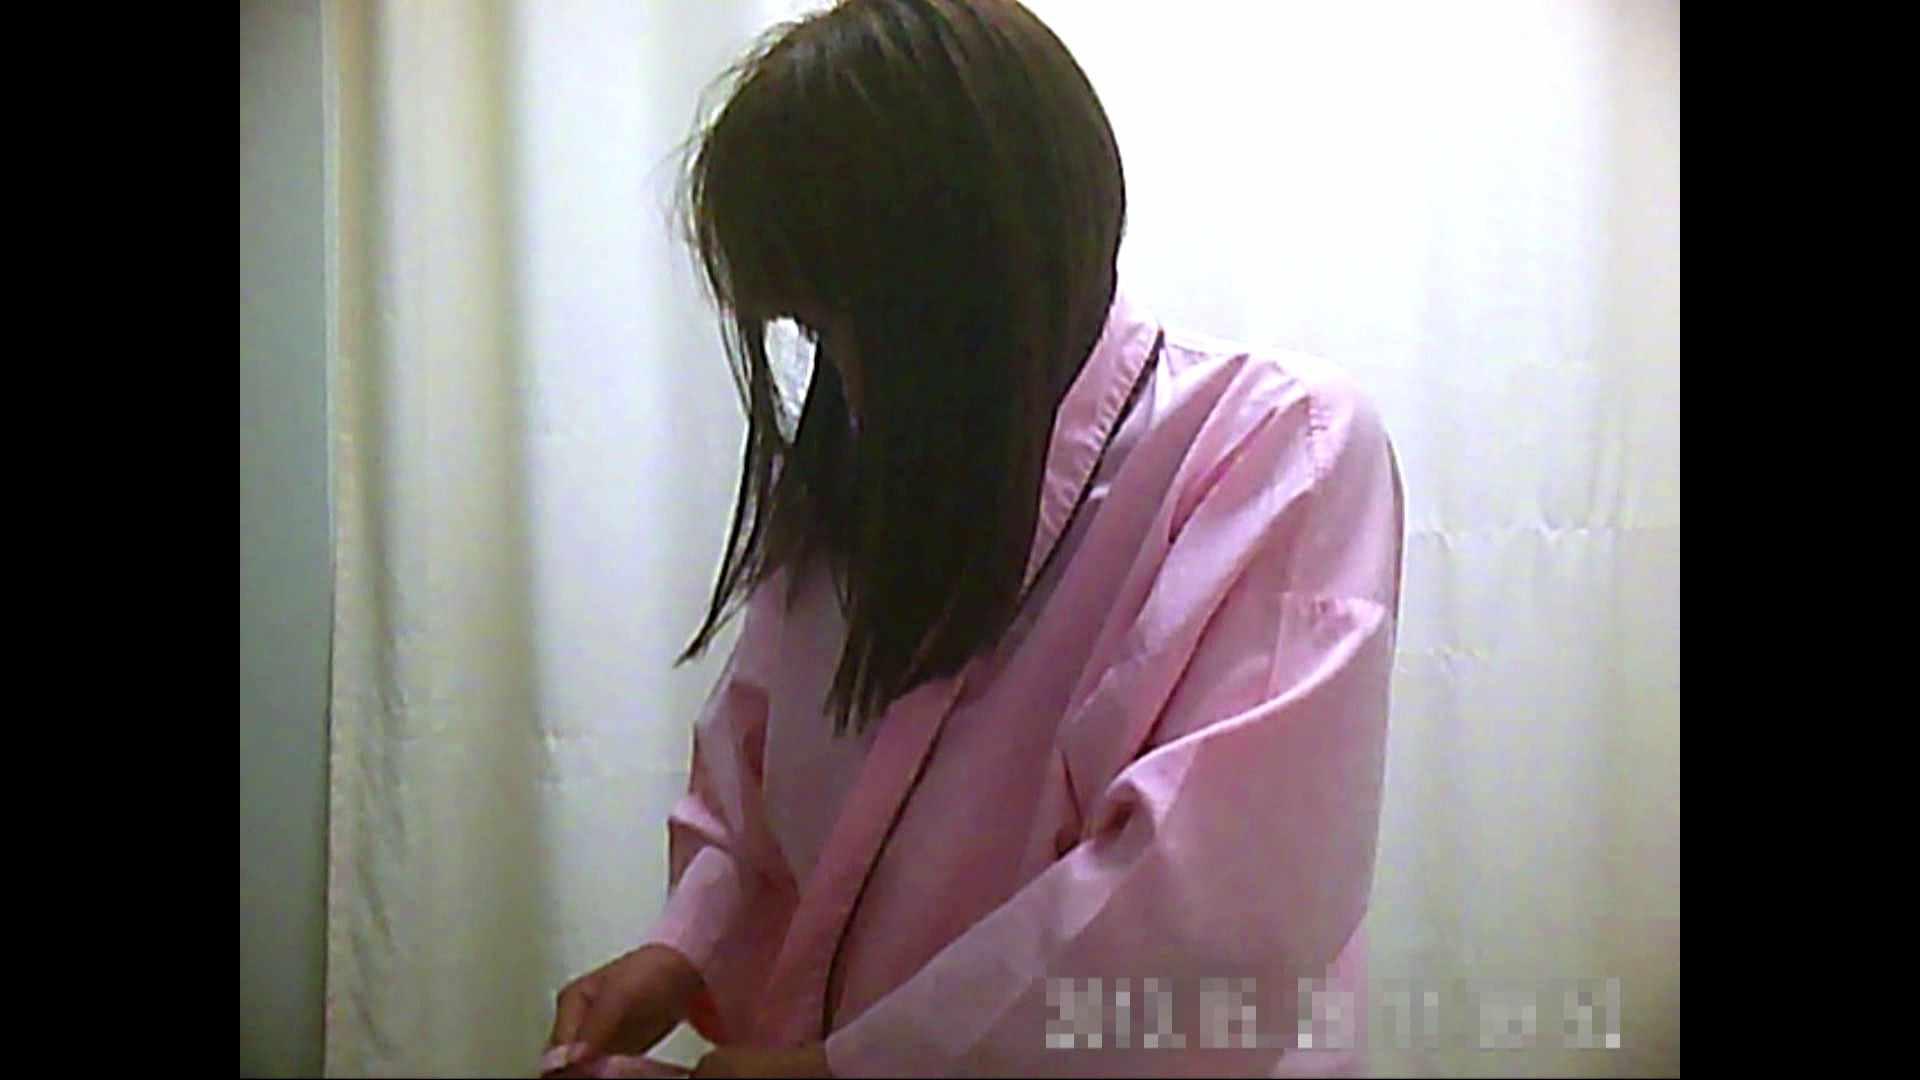 元医者による反抗 更衣室地獄絵巻 vol.042 ギャル  89PIX 60